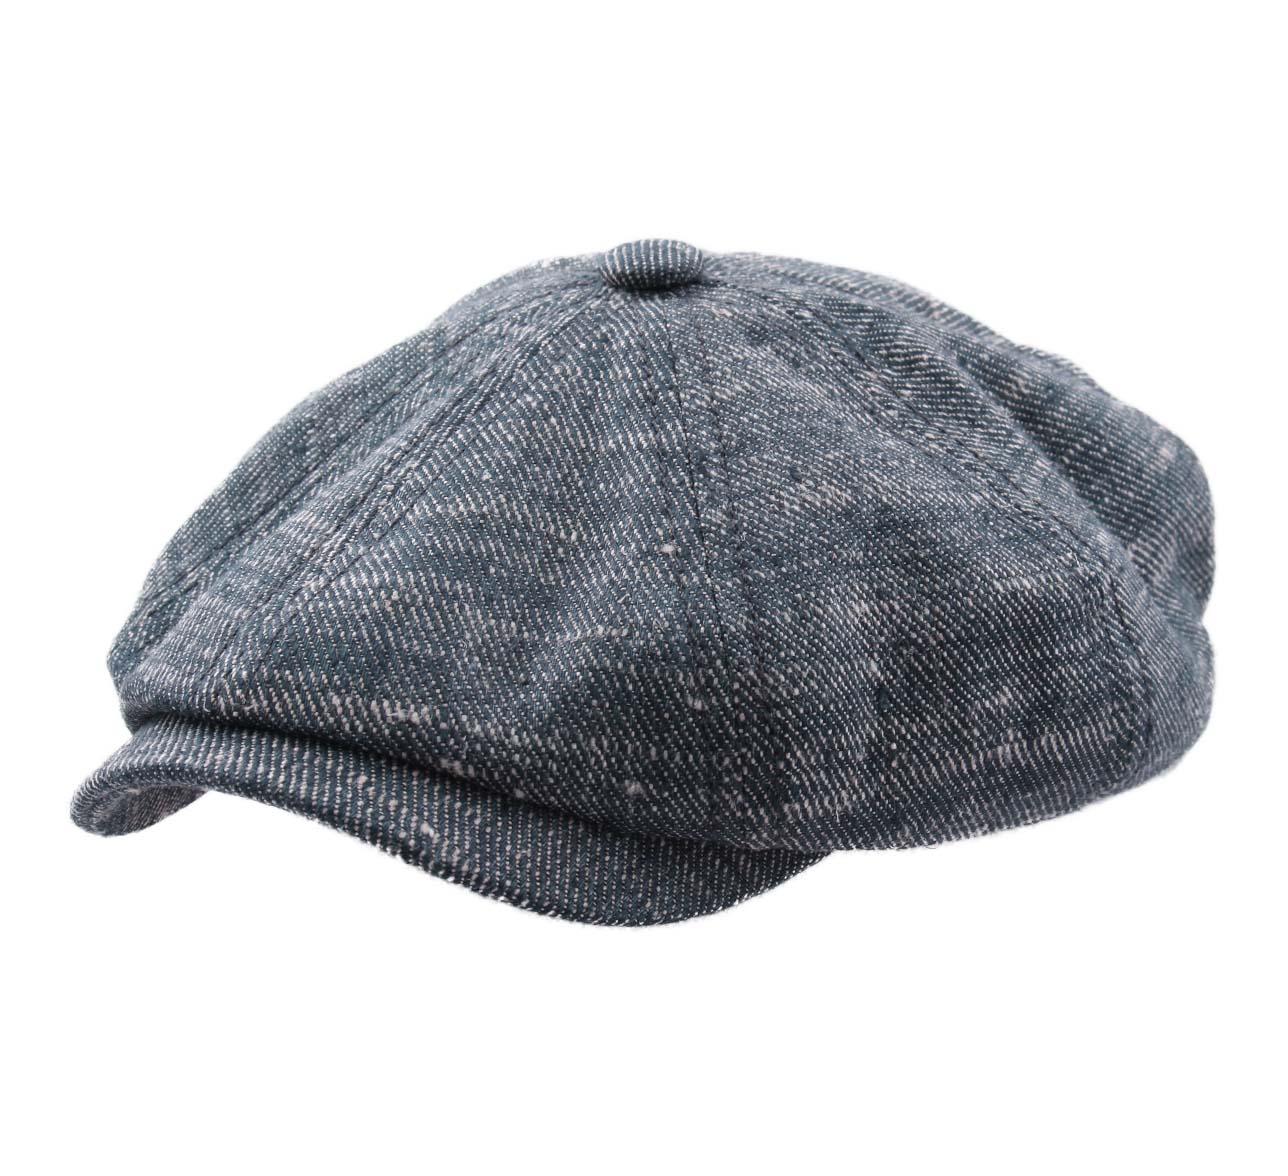 850e2fbac62 Casquette-hatteras-stetson-lin Hatteras Linen Silm - Casquette Stetson